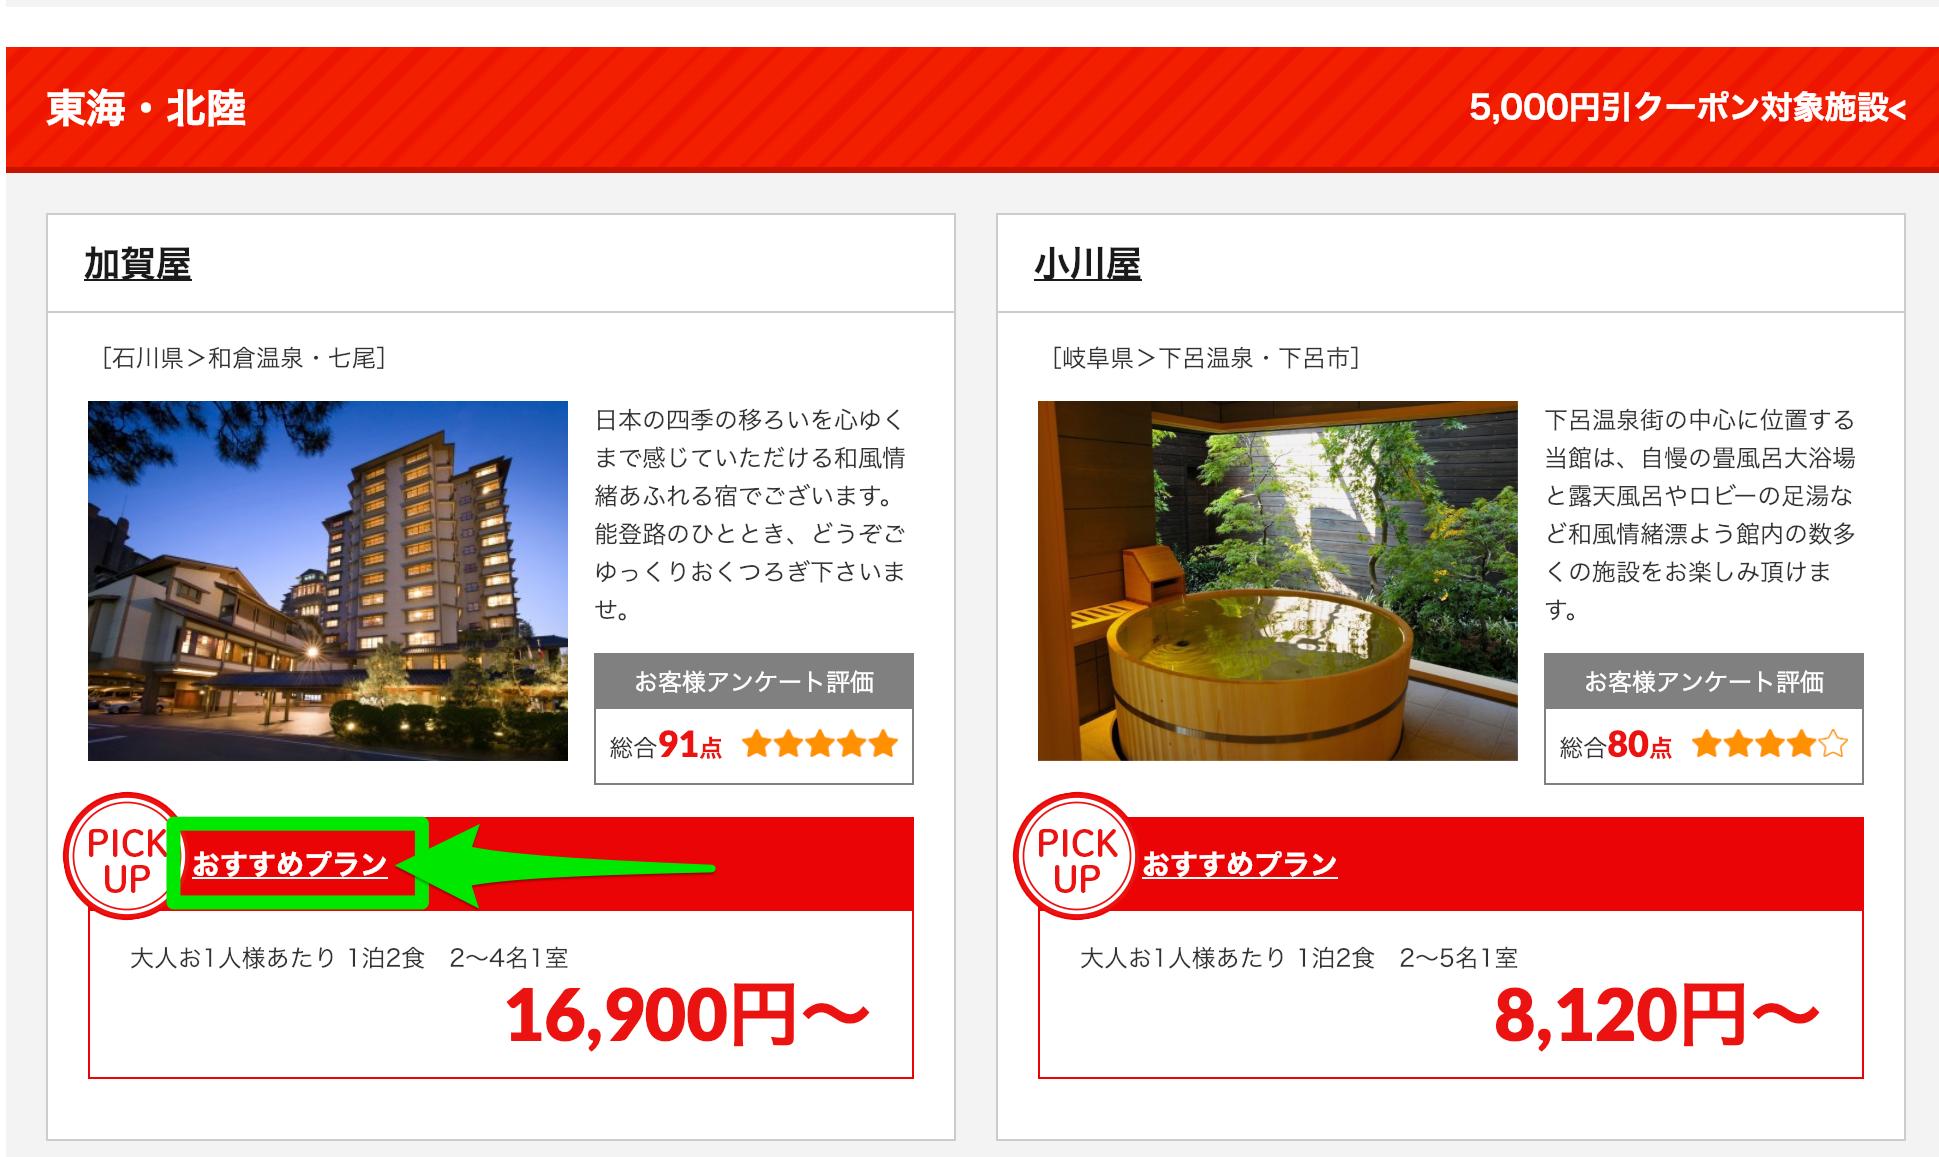 JTBの全国で使えるホテル・宿予約割引クーポン対象ホテル